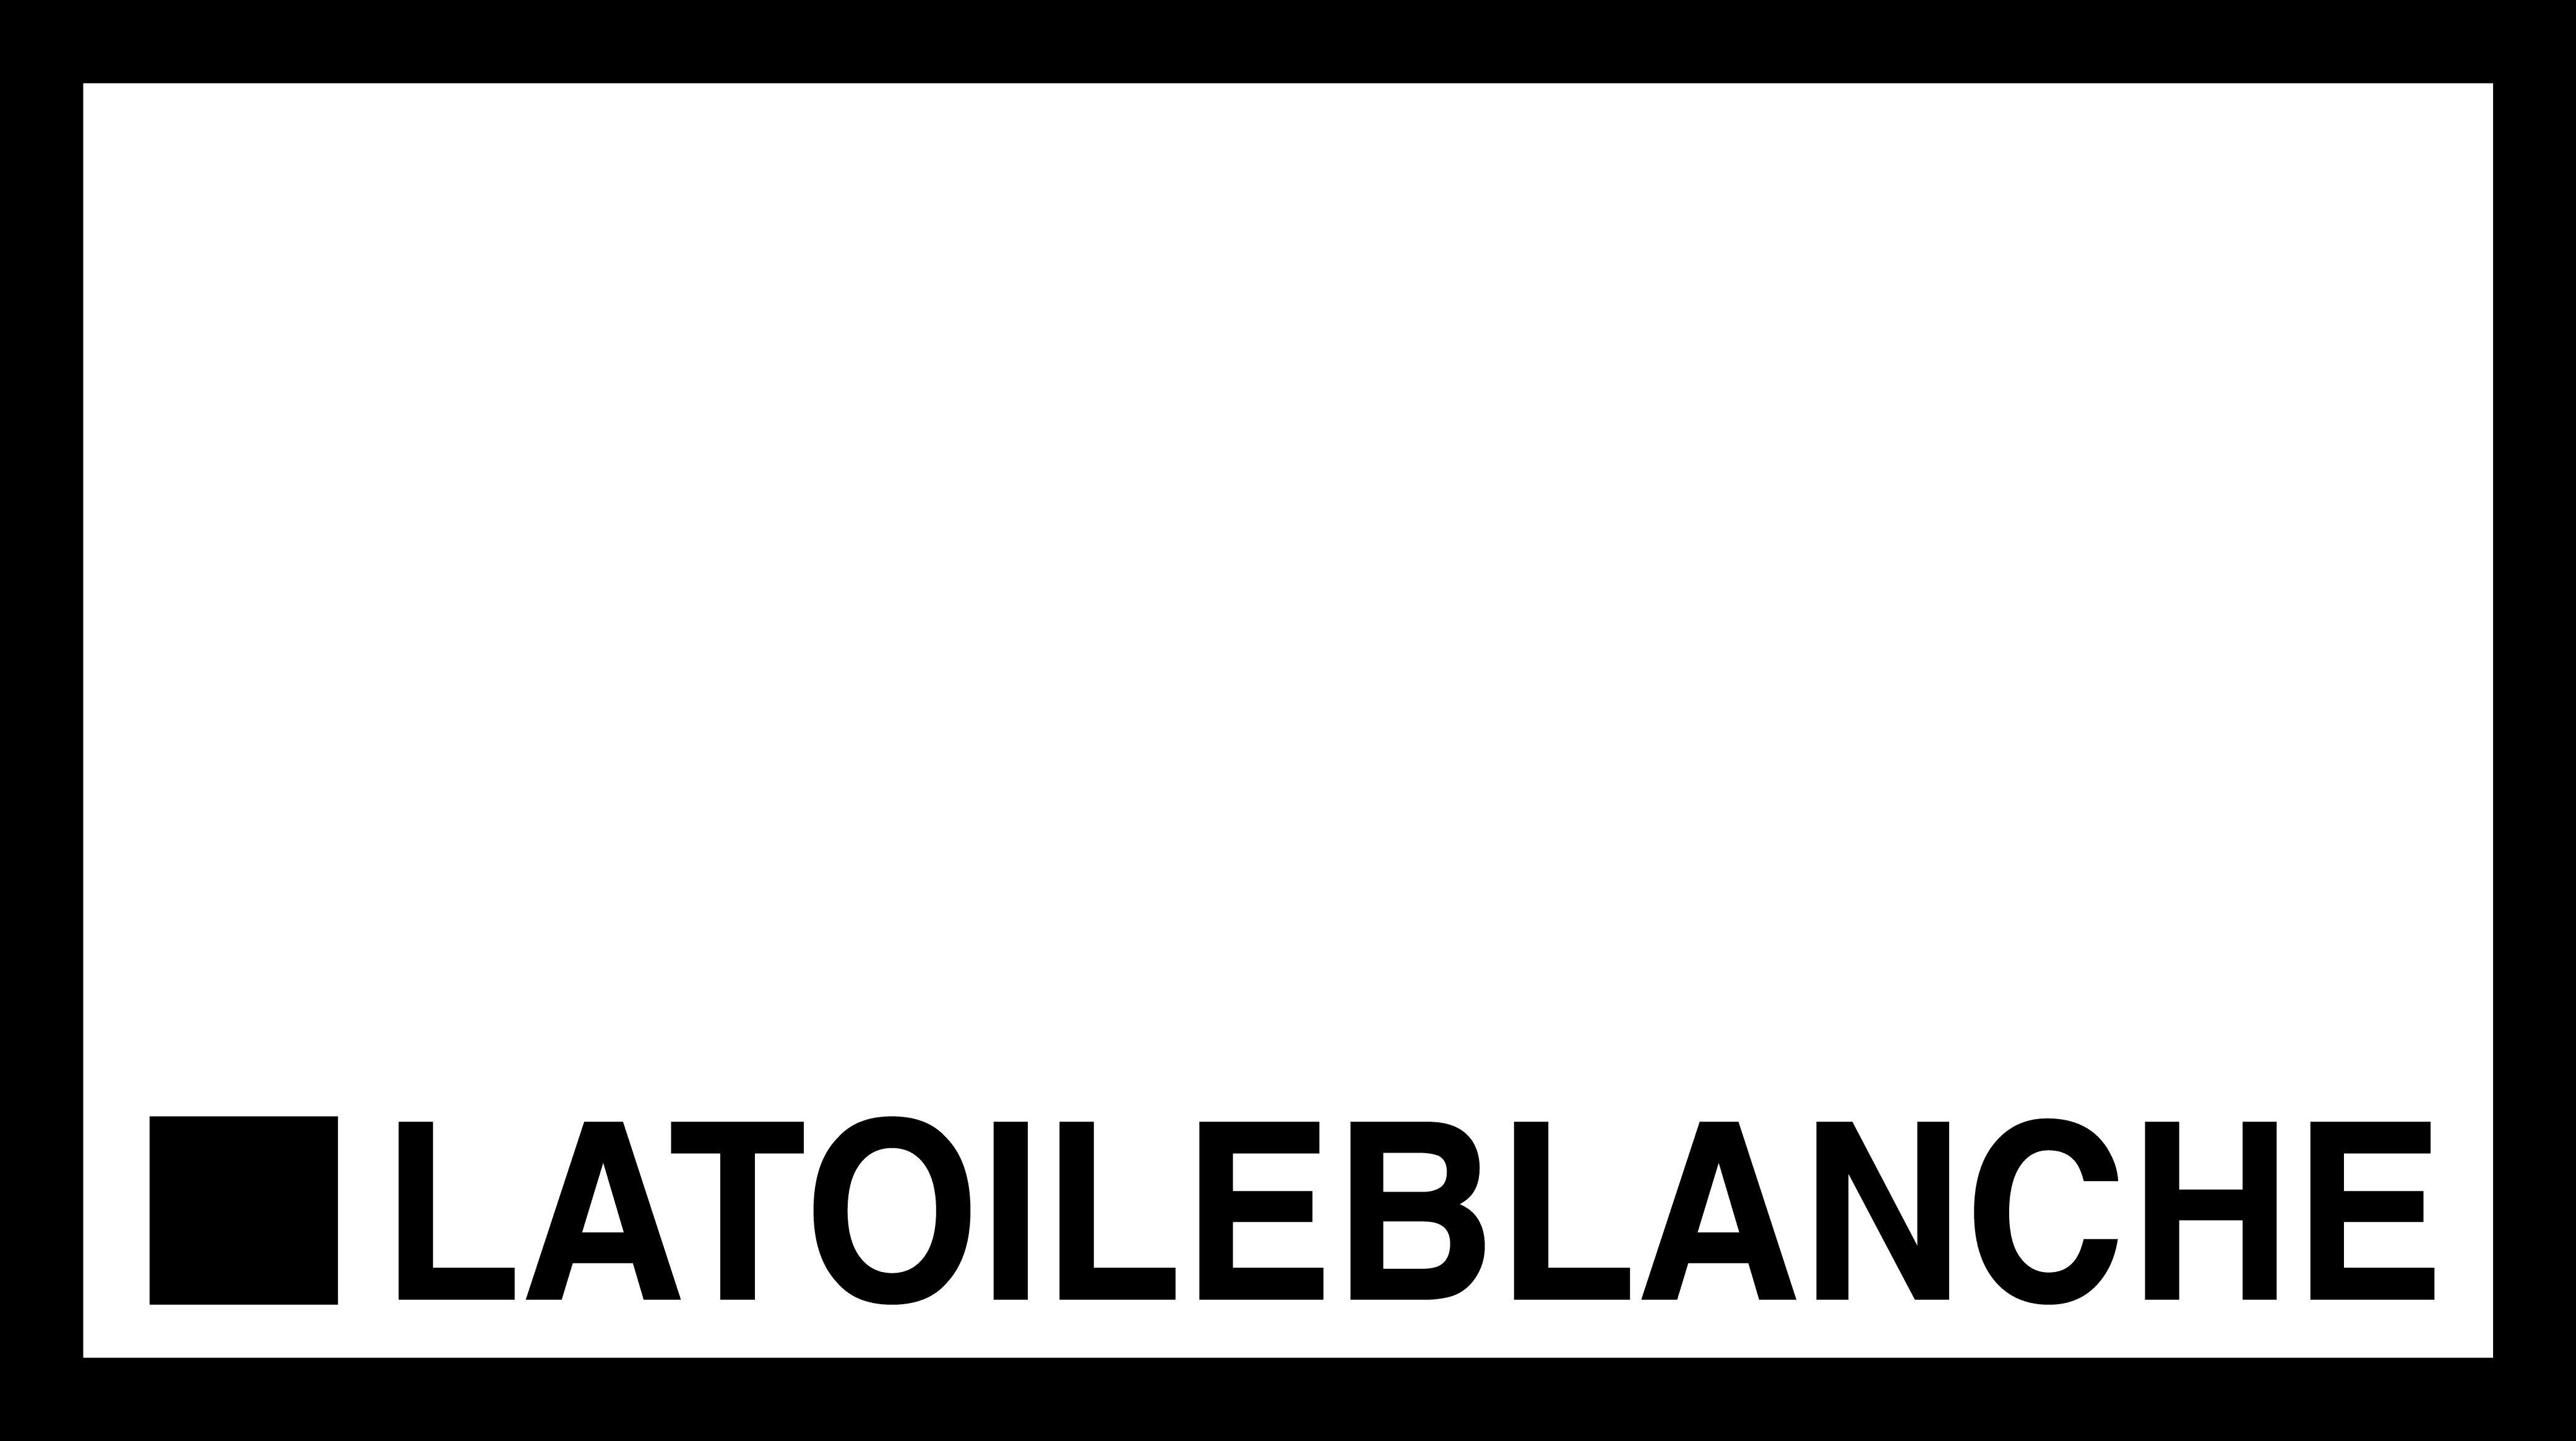 LaToileBlanche.org